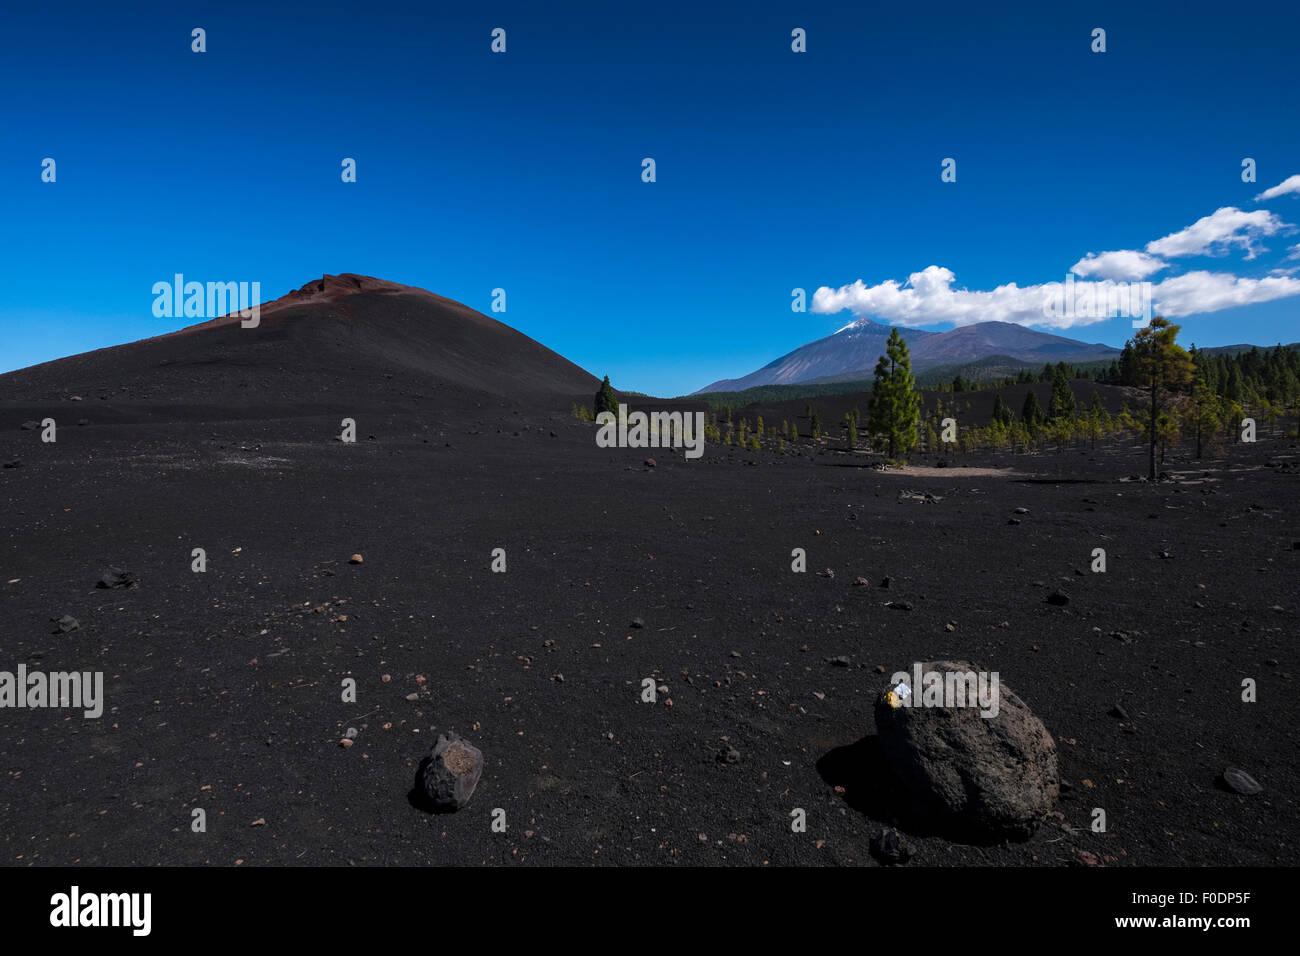 Negras Mountains Stockfotos & Negras Mountains Bilder - Alamy